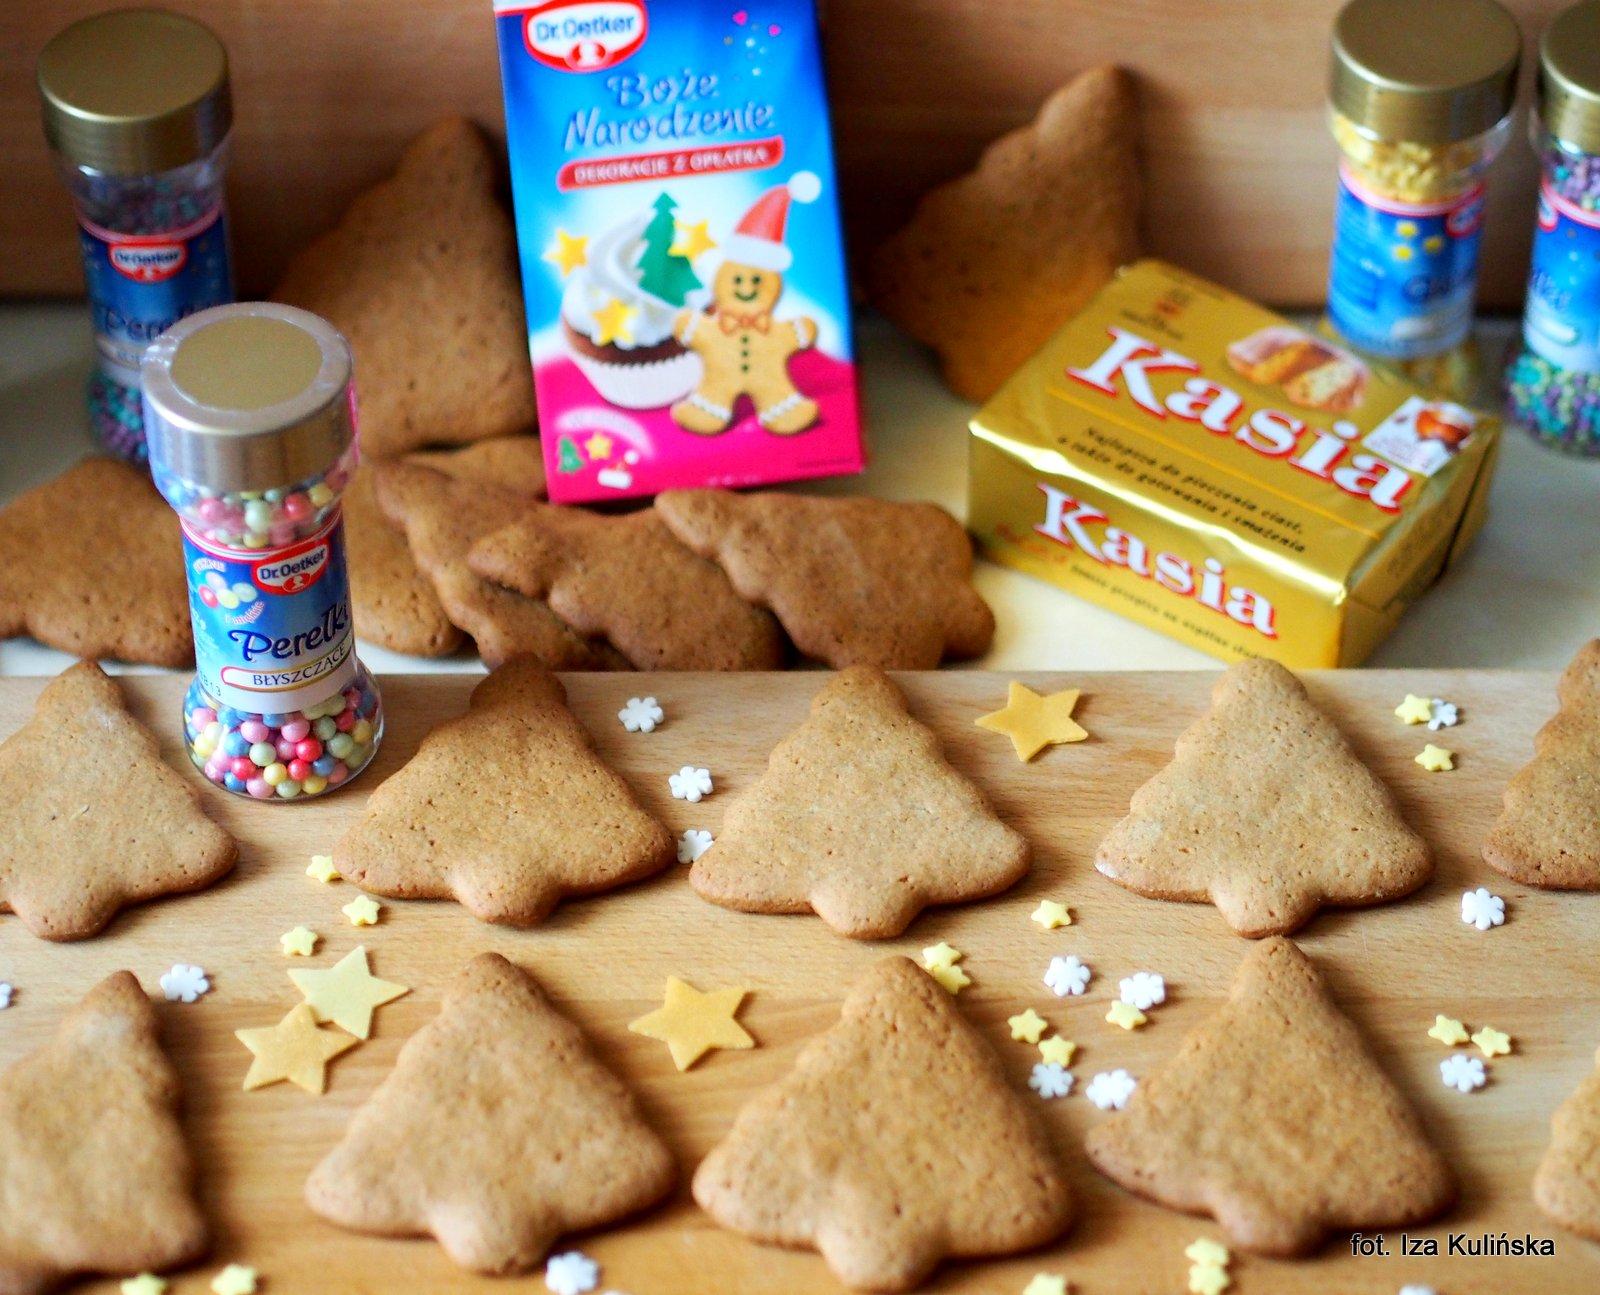 ciasteczka korzenne,  pierniczki, choinki , lukrowanie , święta , desery , boże narodzenie, warsztaty kulinarne , najlepsze przepisy , najsmaczniejsze dania, domowe jedzenie, kuchnia polska, przyprawa korzenna